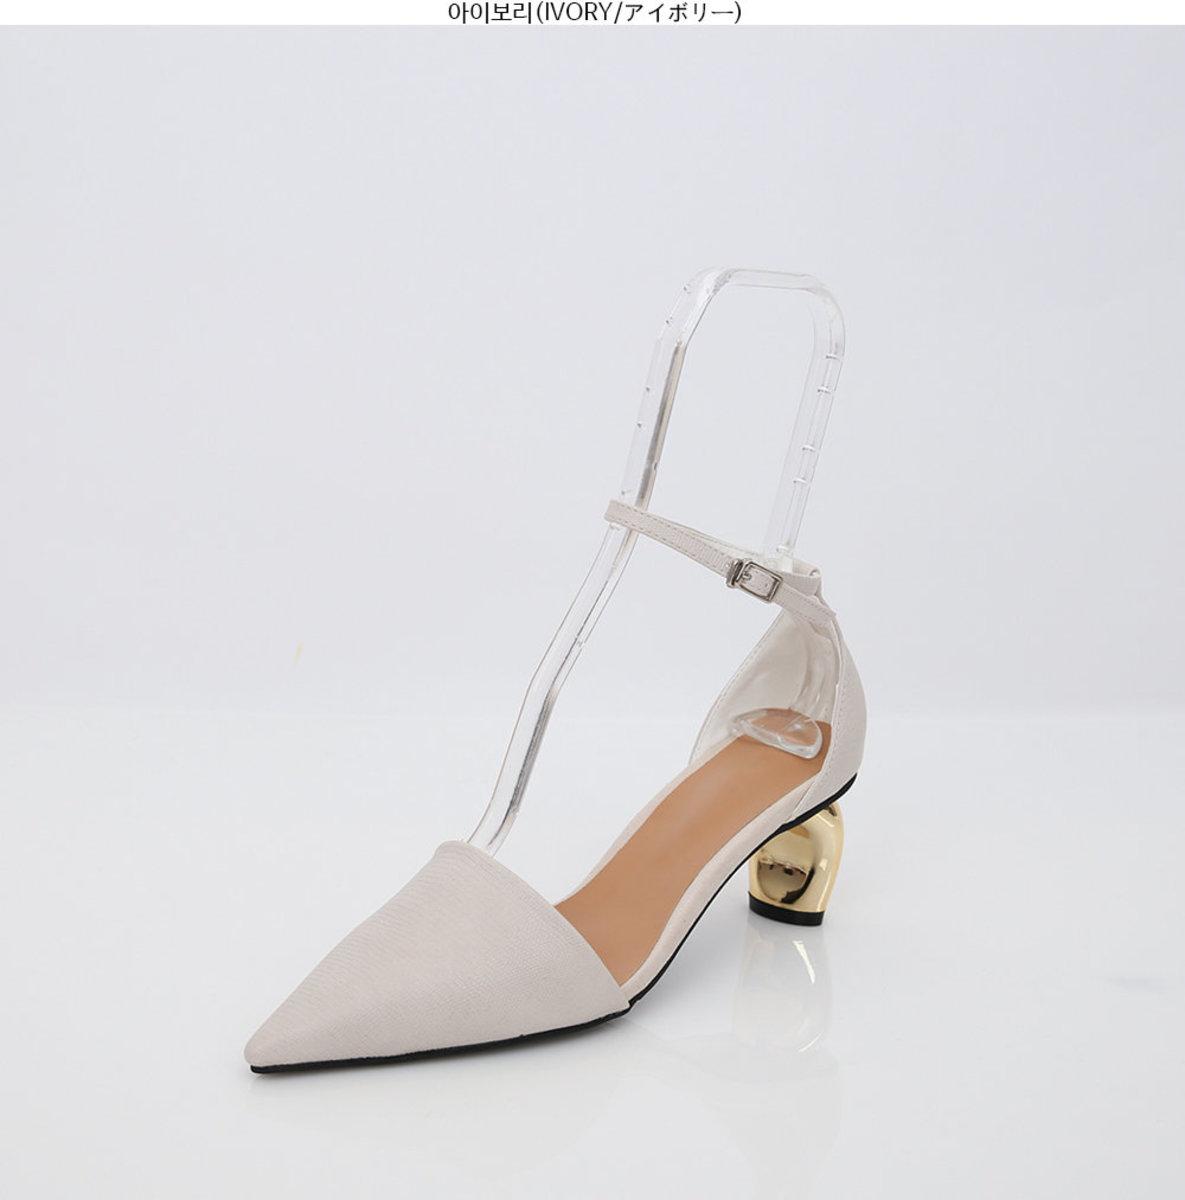 金屬鞋跟踝帶鞋